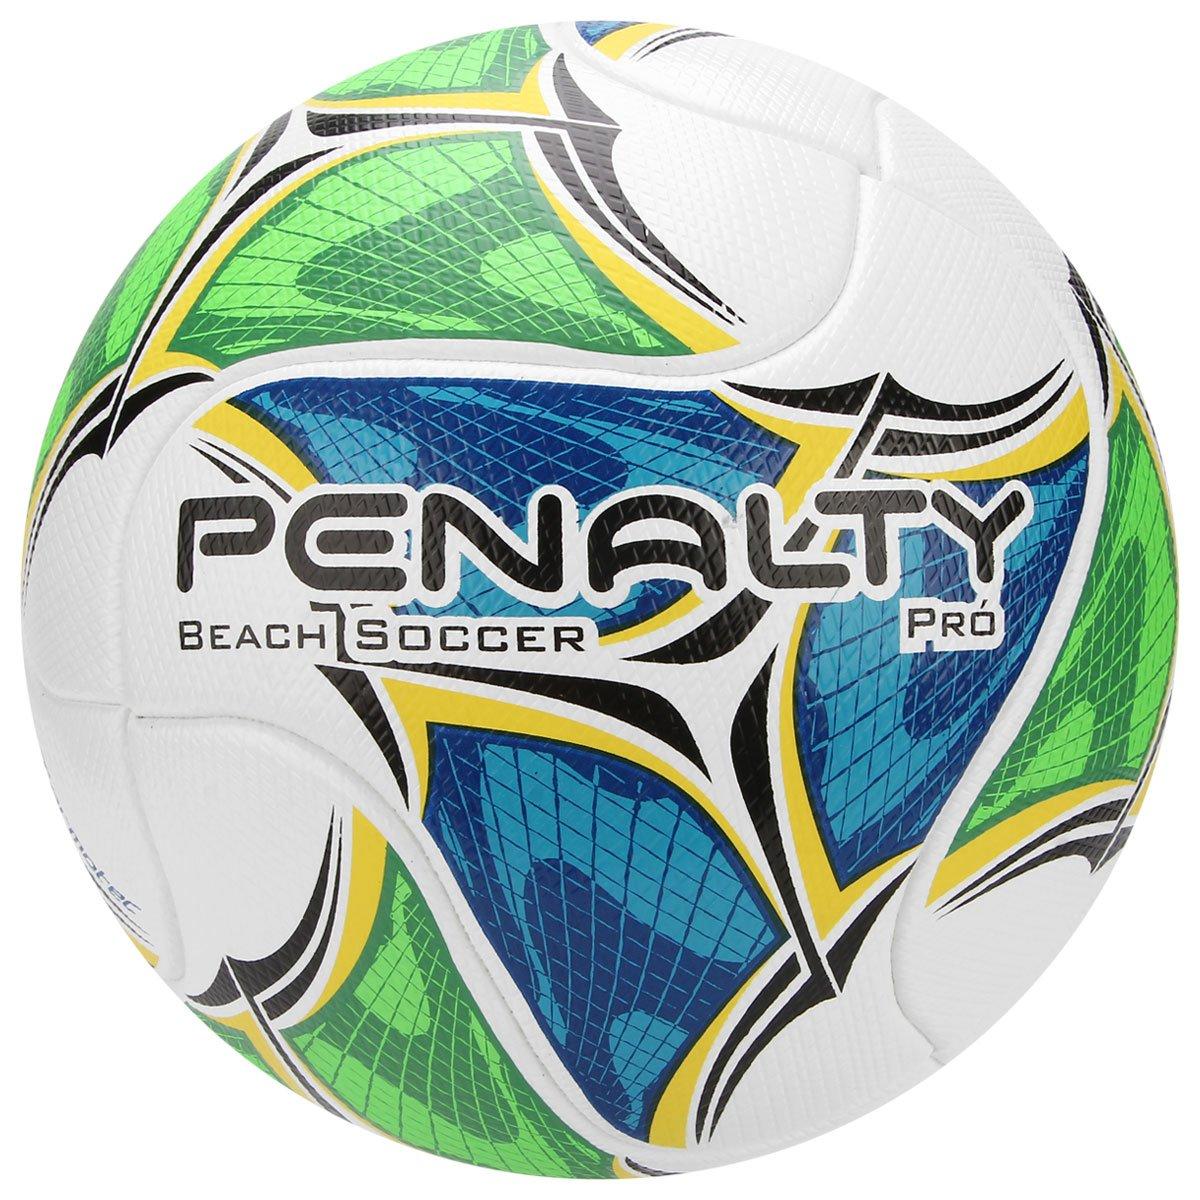 0805b3109 Bola Futebol Penalty Beach Soccer Pro 4 - Compre Agora